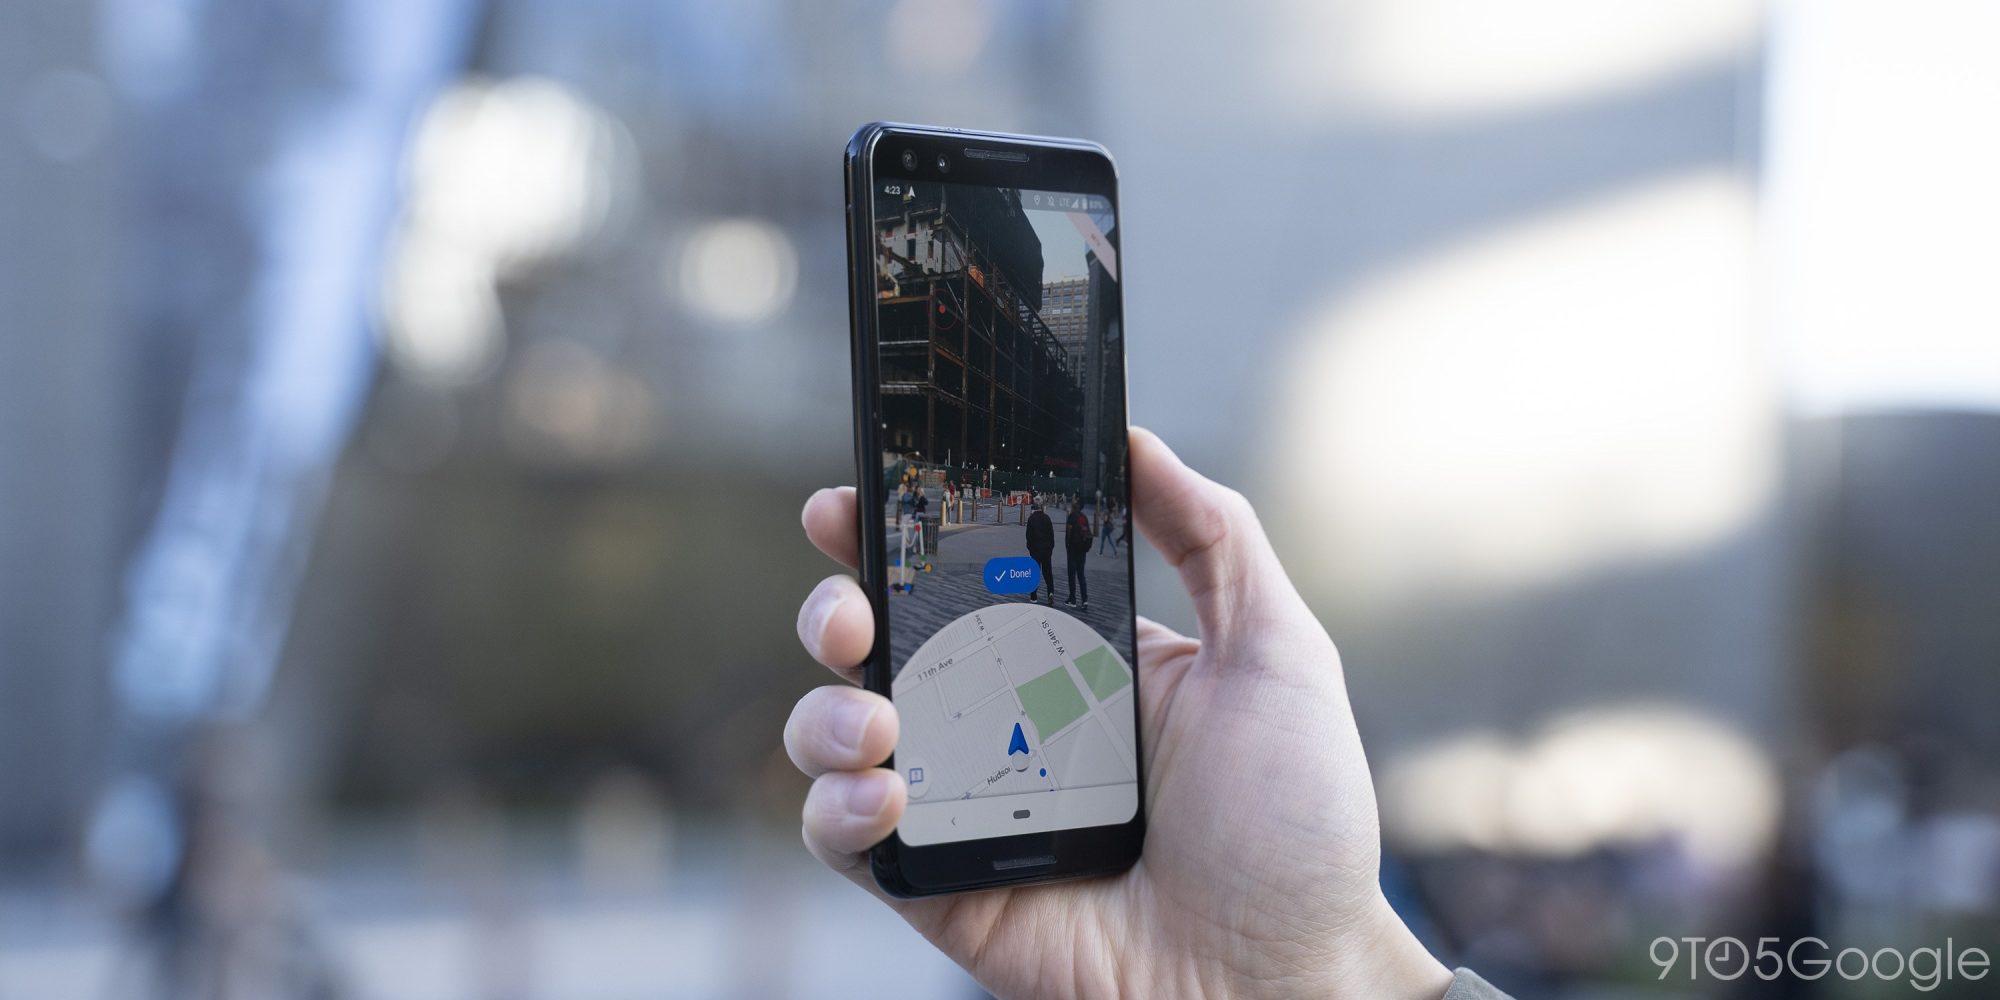 谷歌地图推出Live View功能,通过AR实时校准用户准确位置